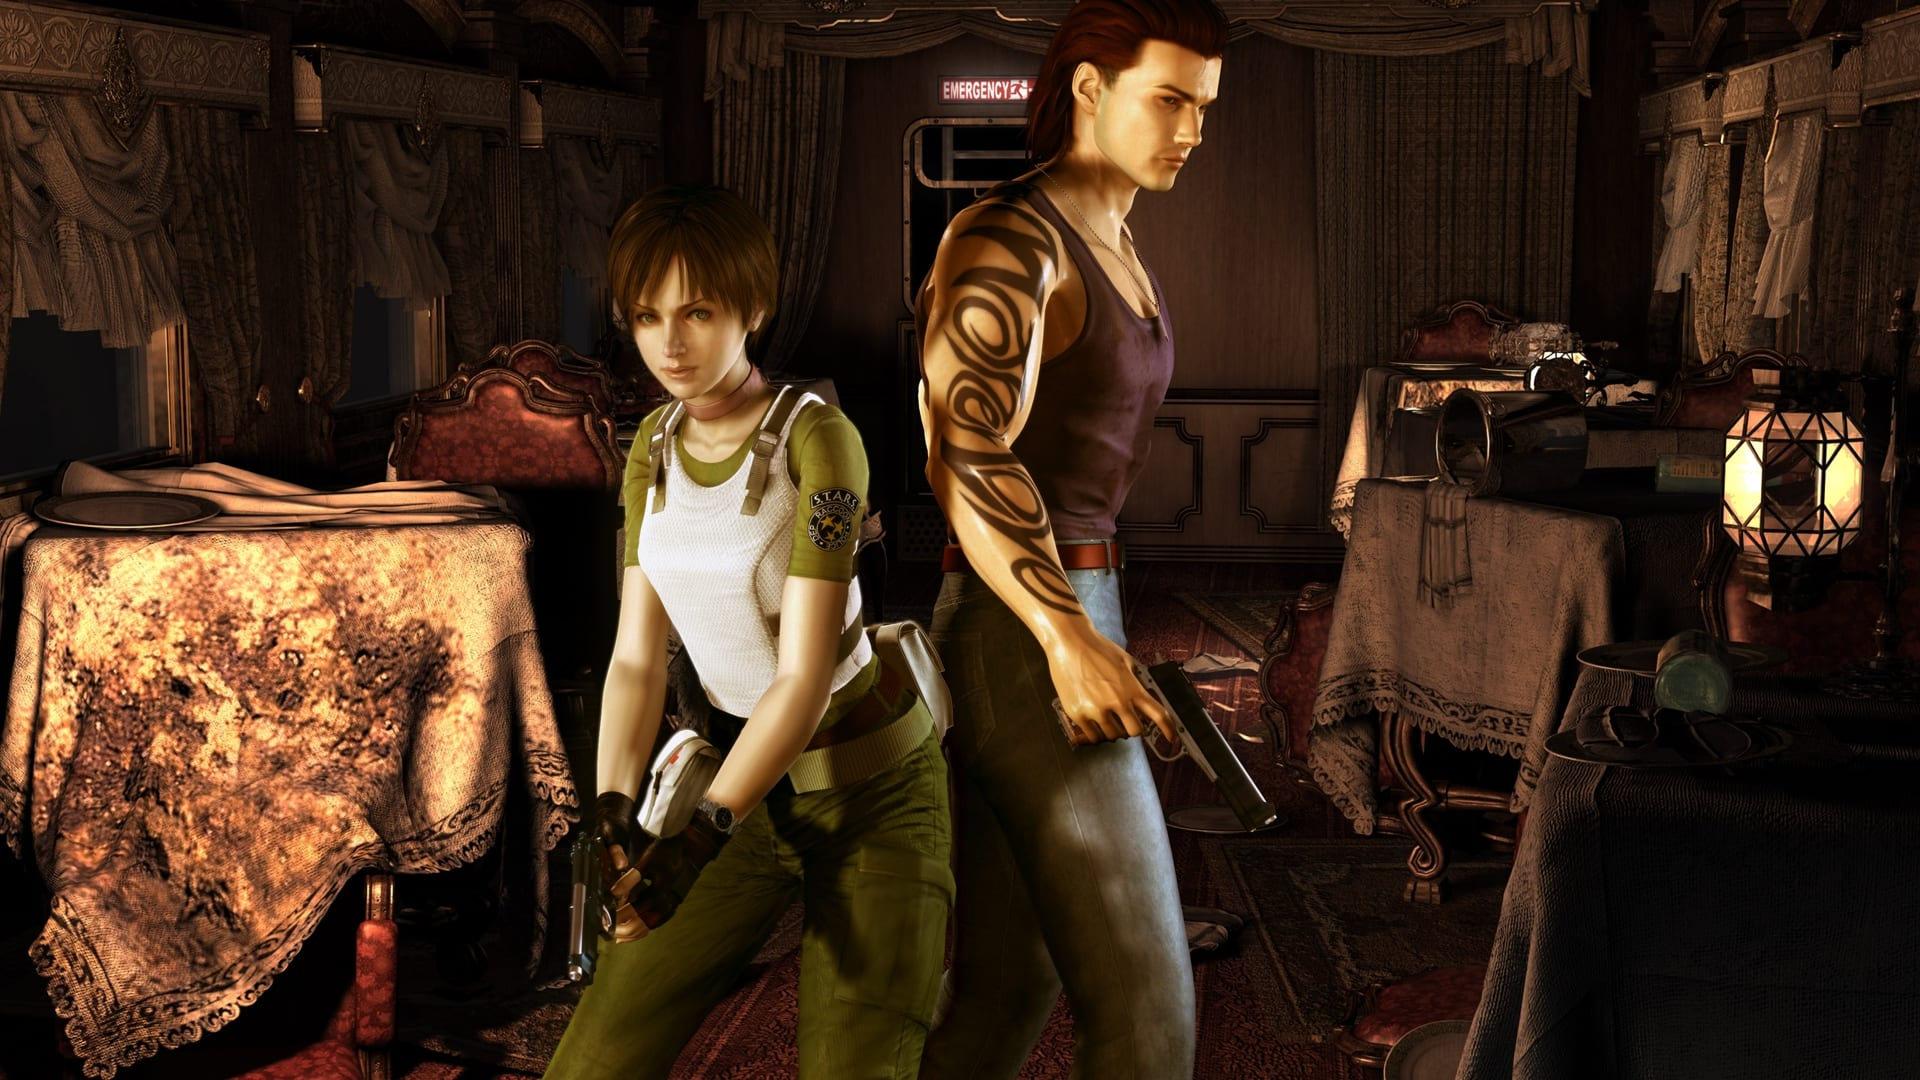 http://gameluster.com/wp-content/uploads/2015/05/Resident-Evil-Zero-HD.jpg